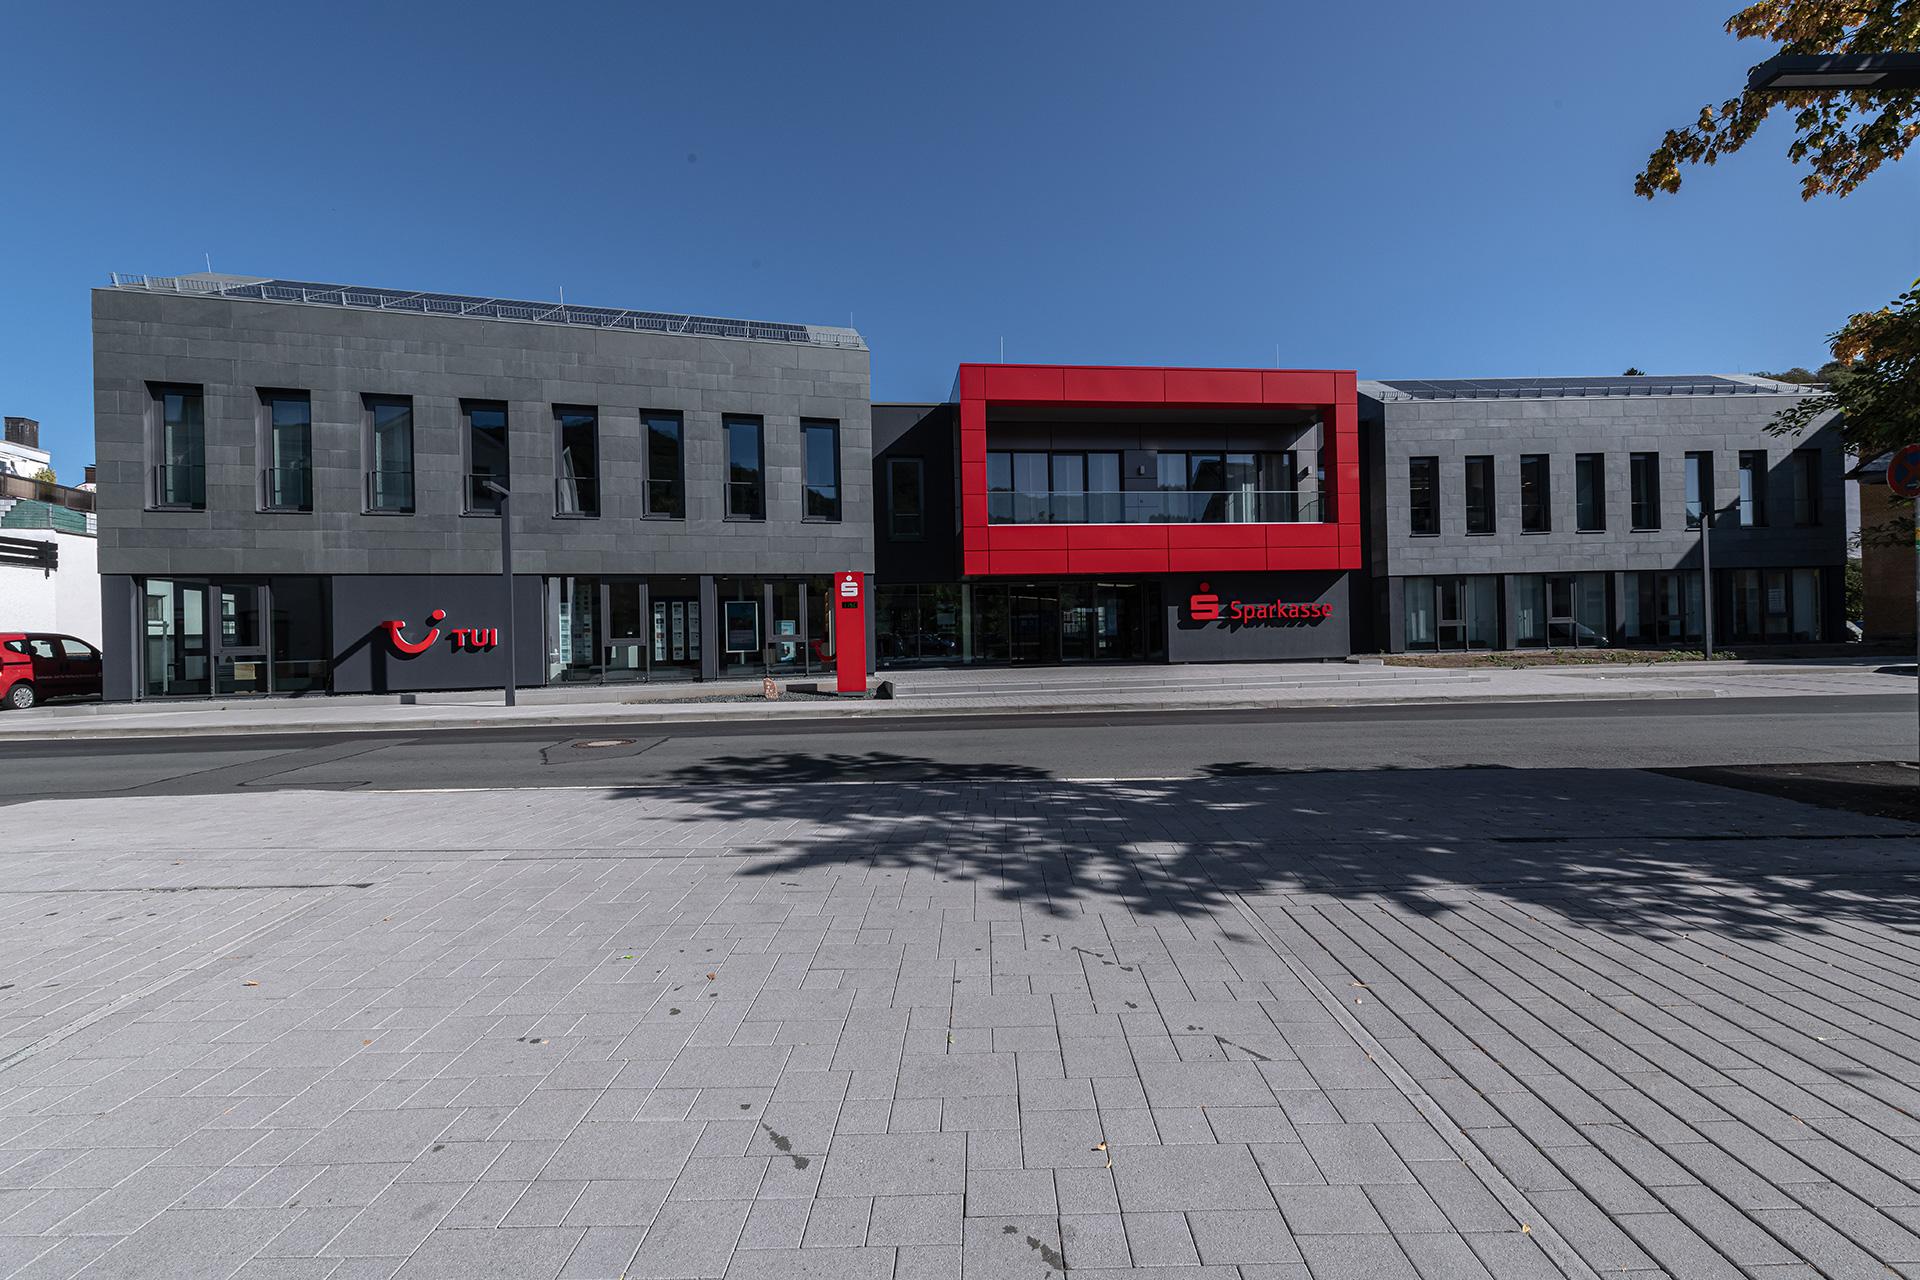 Representative facade for bank branch